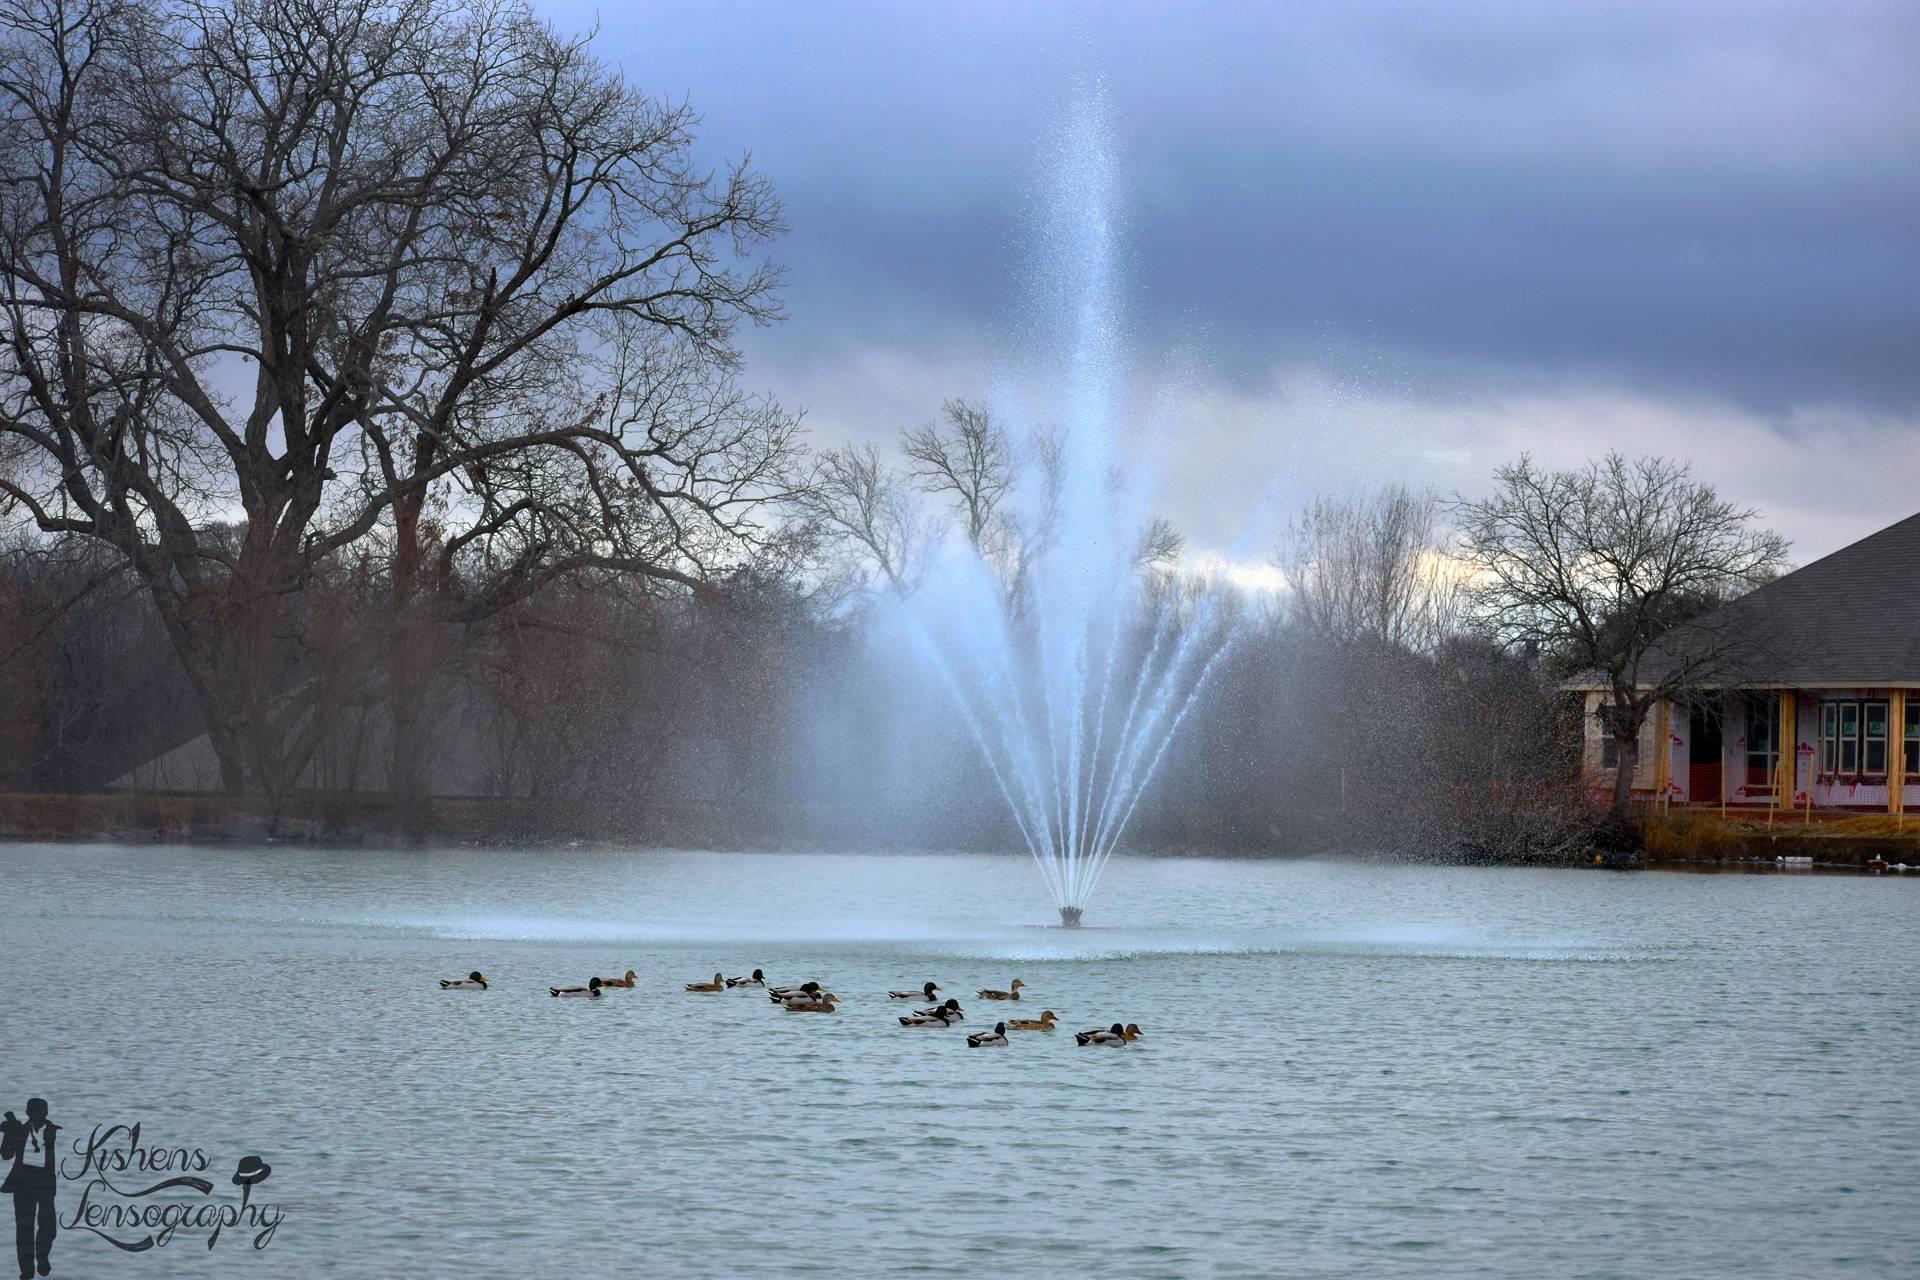 Ducks Shower